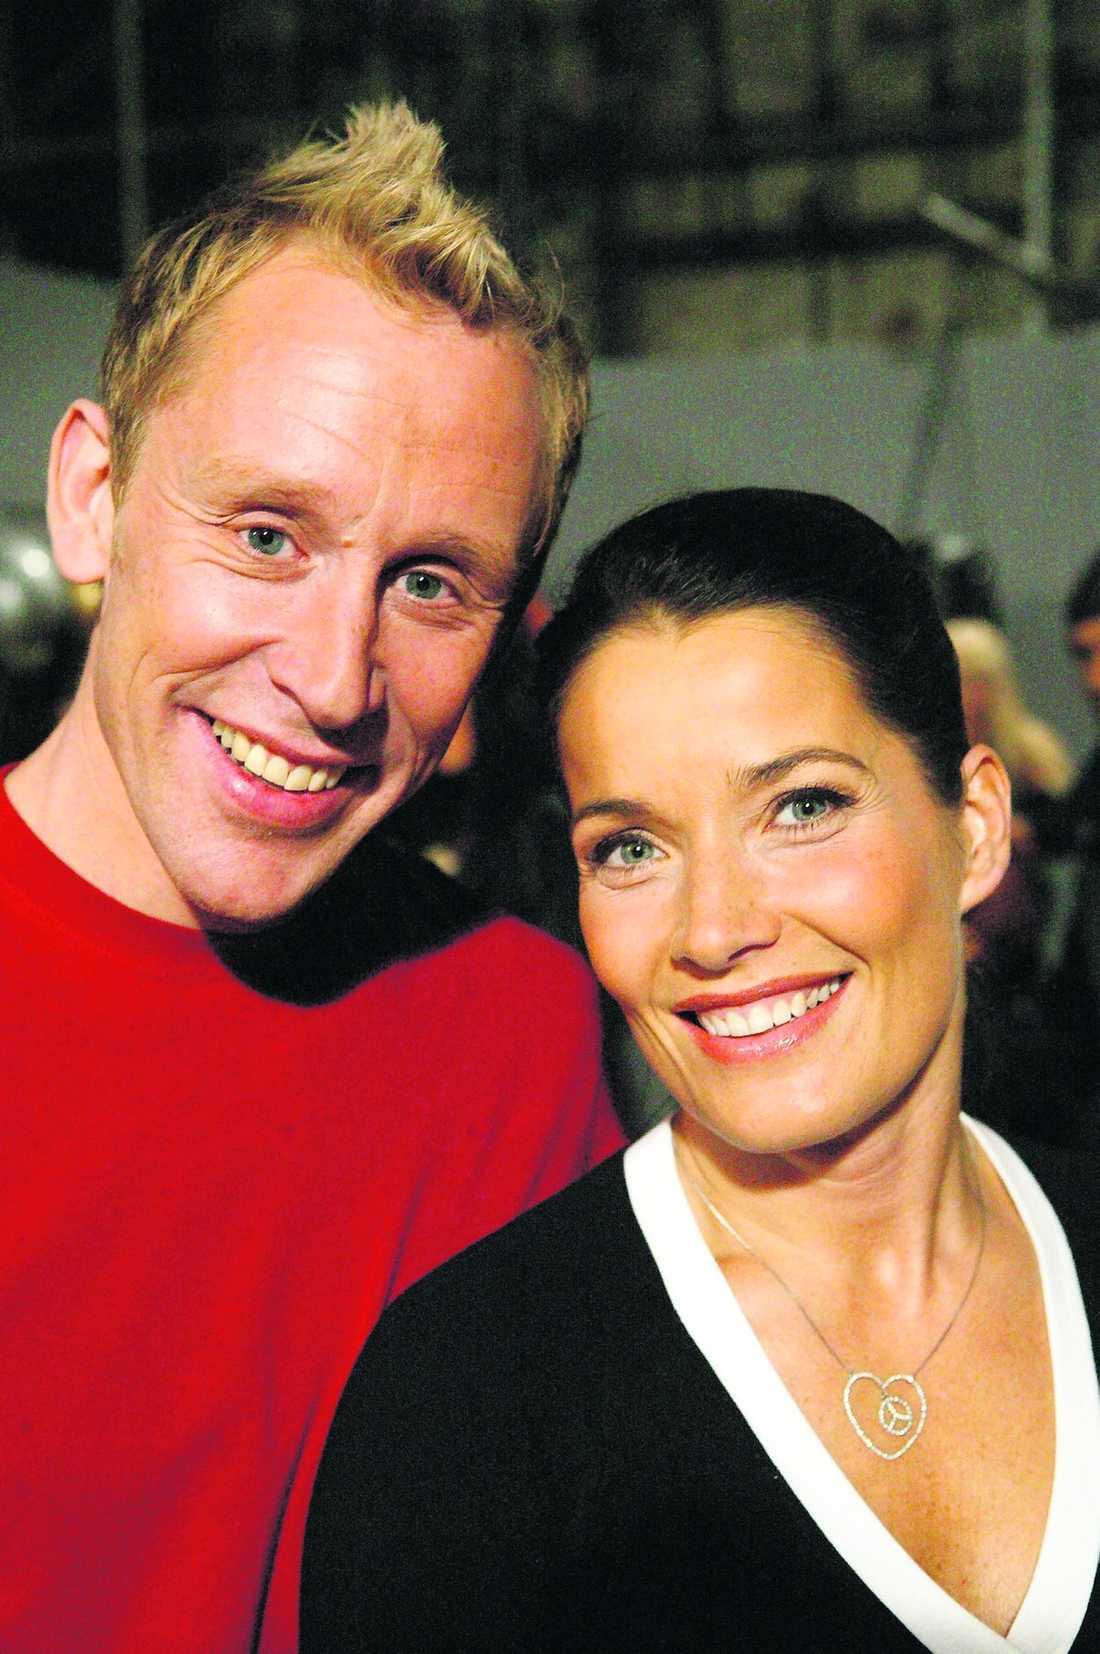 """LADDADE FÖR COMEBACK Gunde Svan och Agneta Sjödin är klara för att leda en ny omgång av """"Fångarna på fortet"""". Senast de jobbade ihop med det populära programmet var på 90-talet. """"Vi trivs bra ihop"""", säger Gunde."""